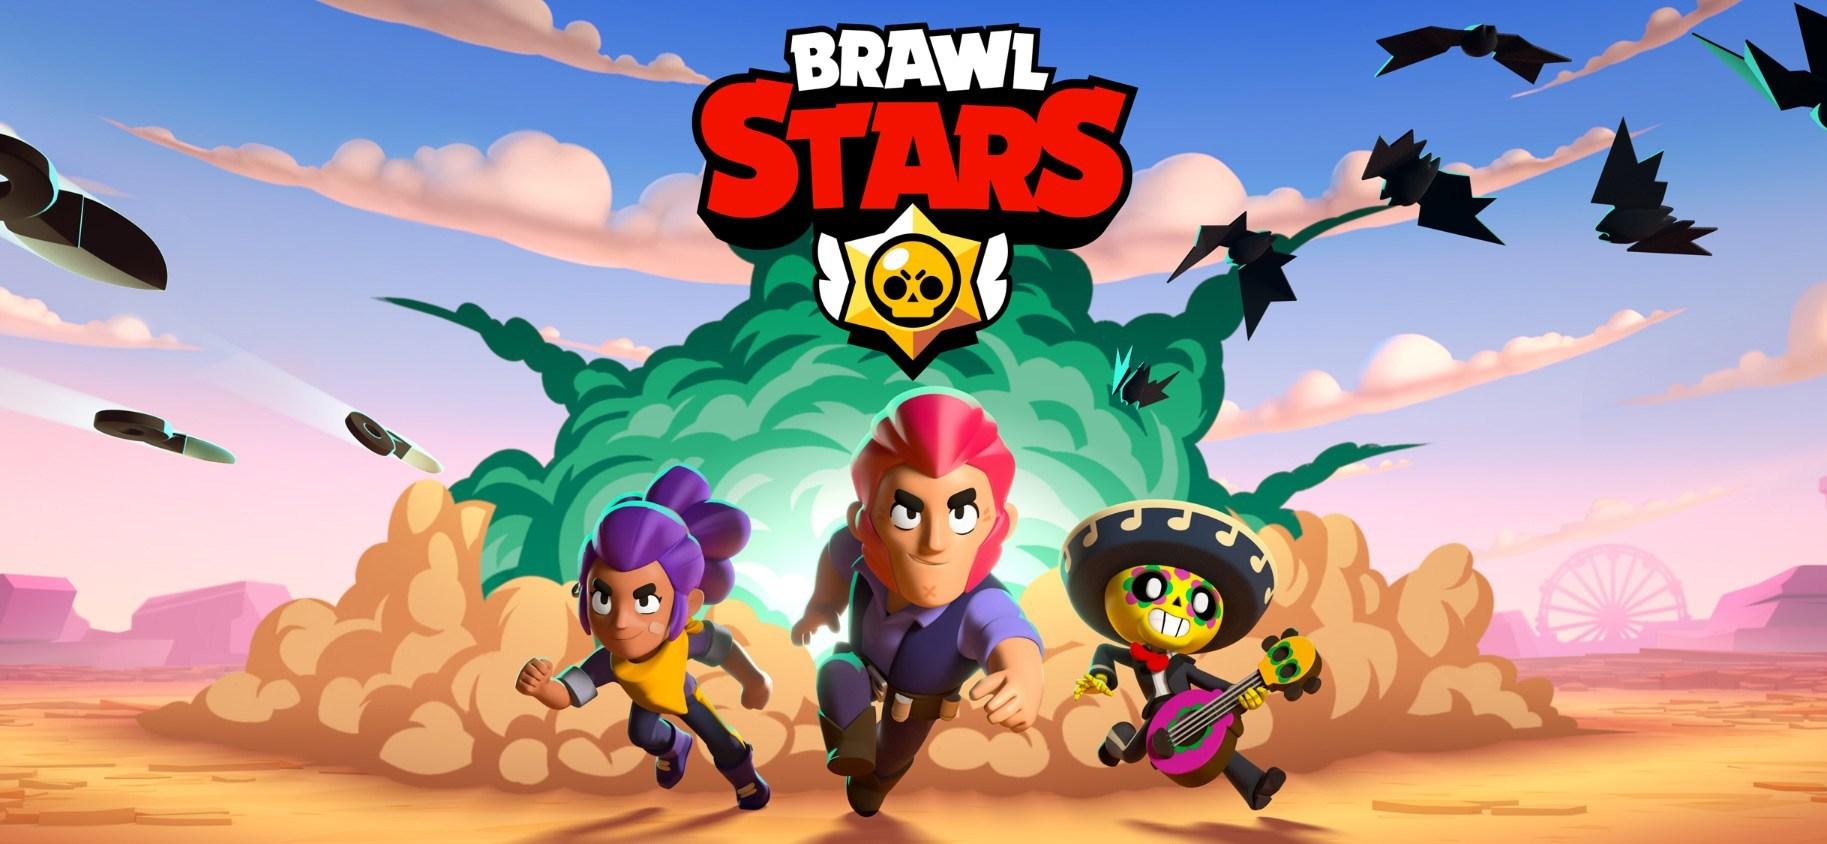 Brawl Stars para PC - Imagem 1 do software